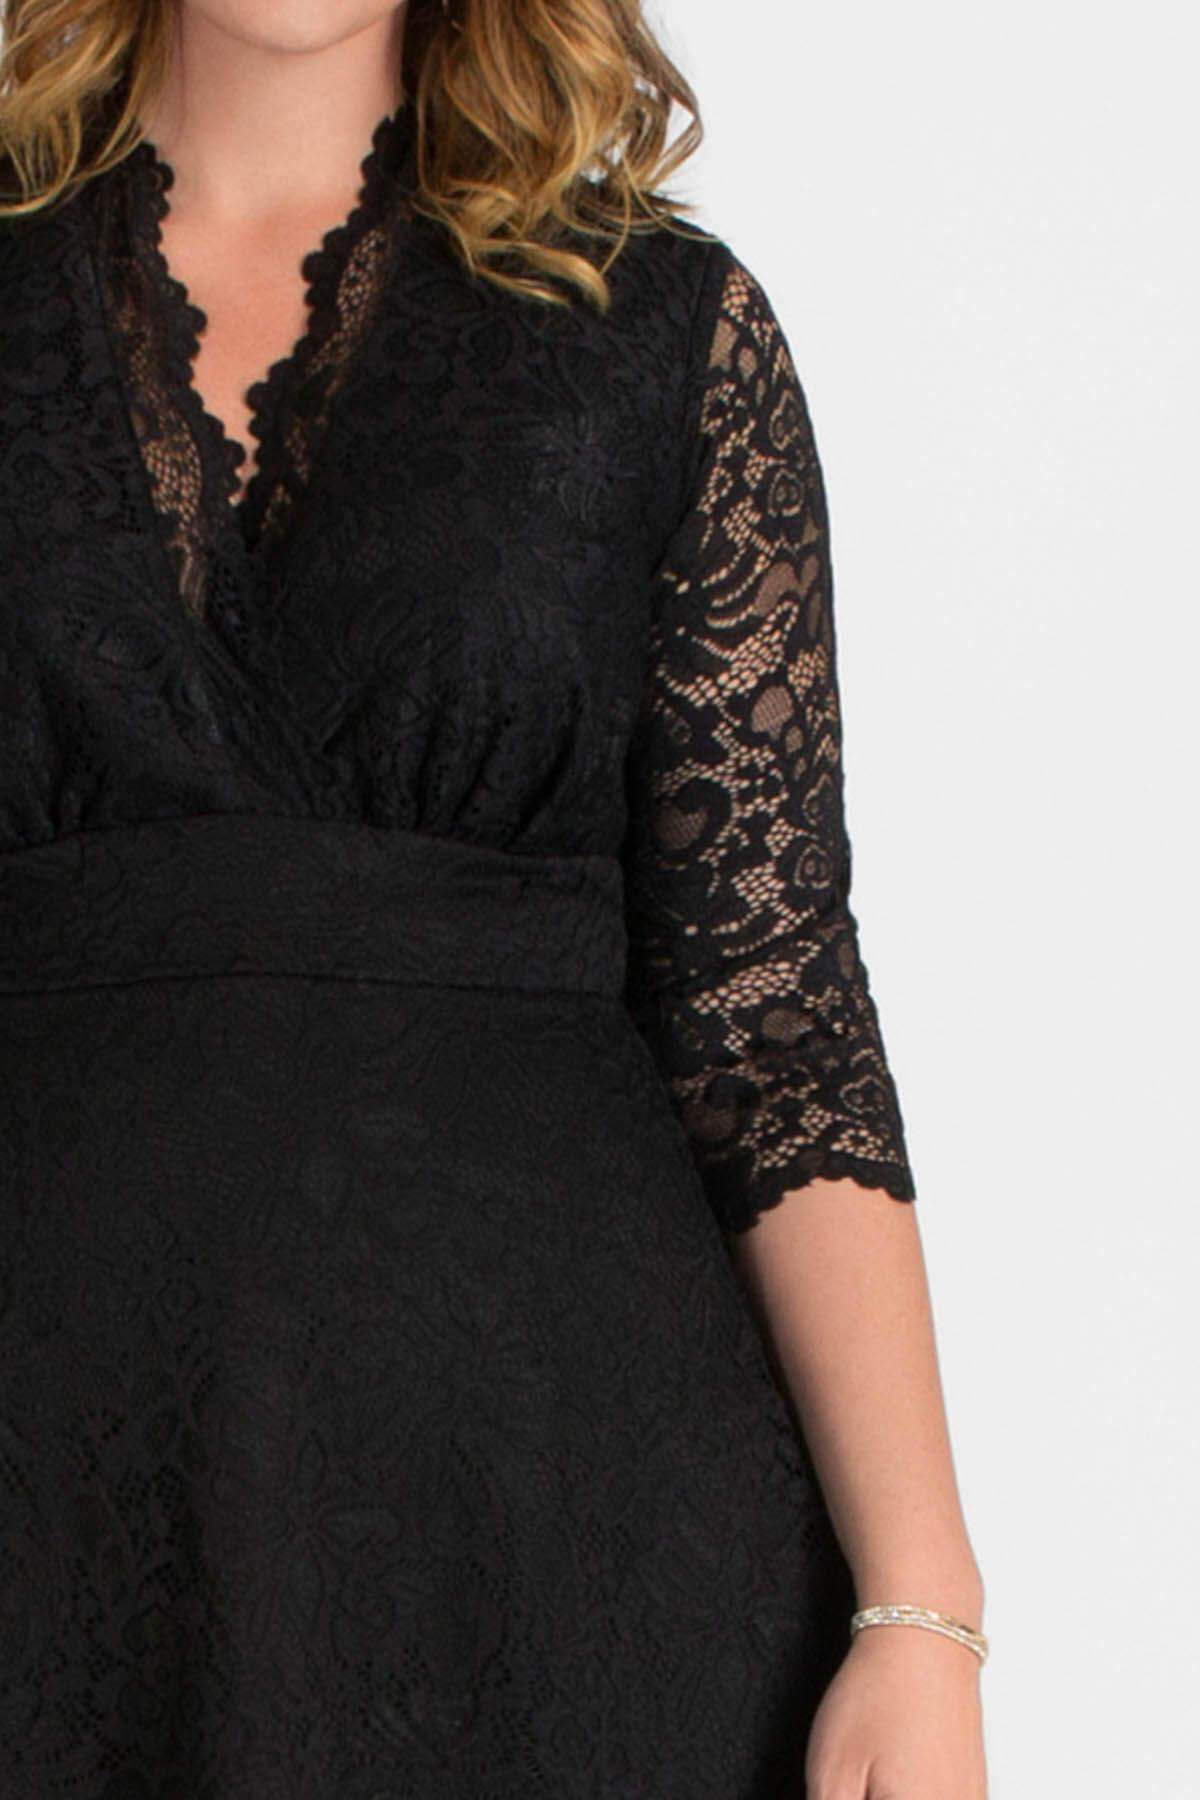 Büyük Beden Likralı Dantelli Kısa Elbise Siyah KL70088